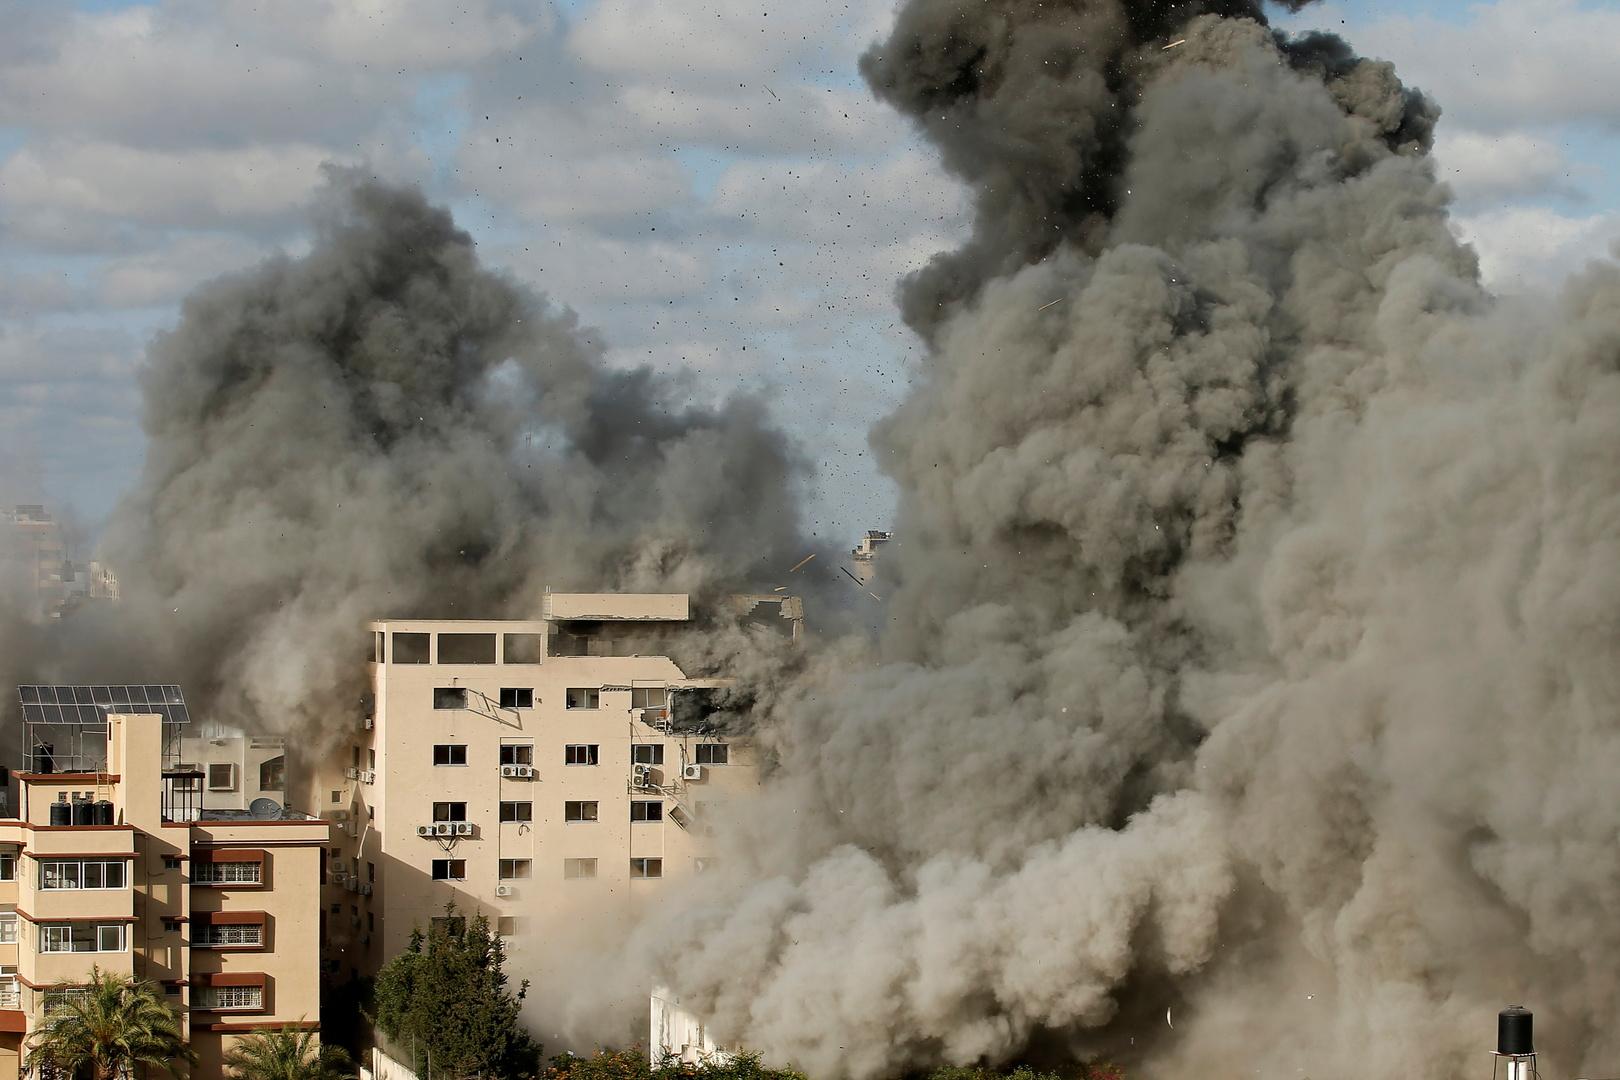 مراسل RT: الجيش الإسرائيلي يهدد بقصف برج